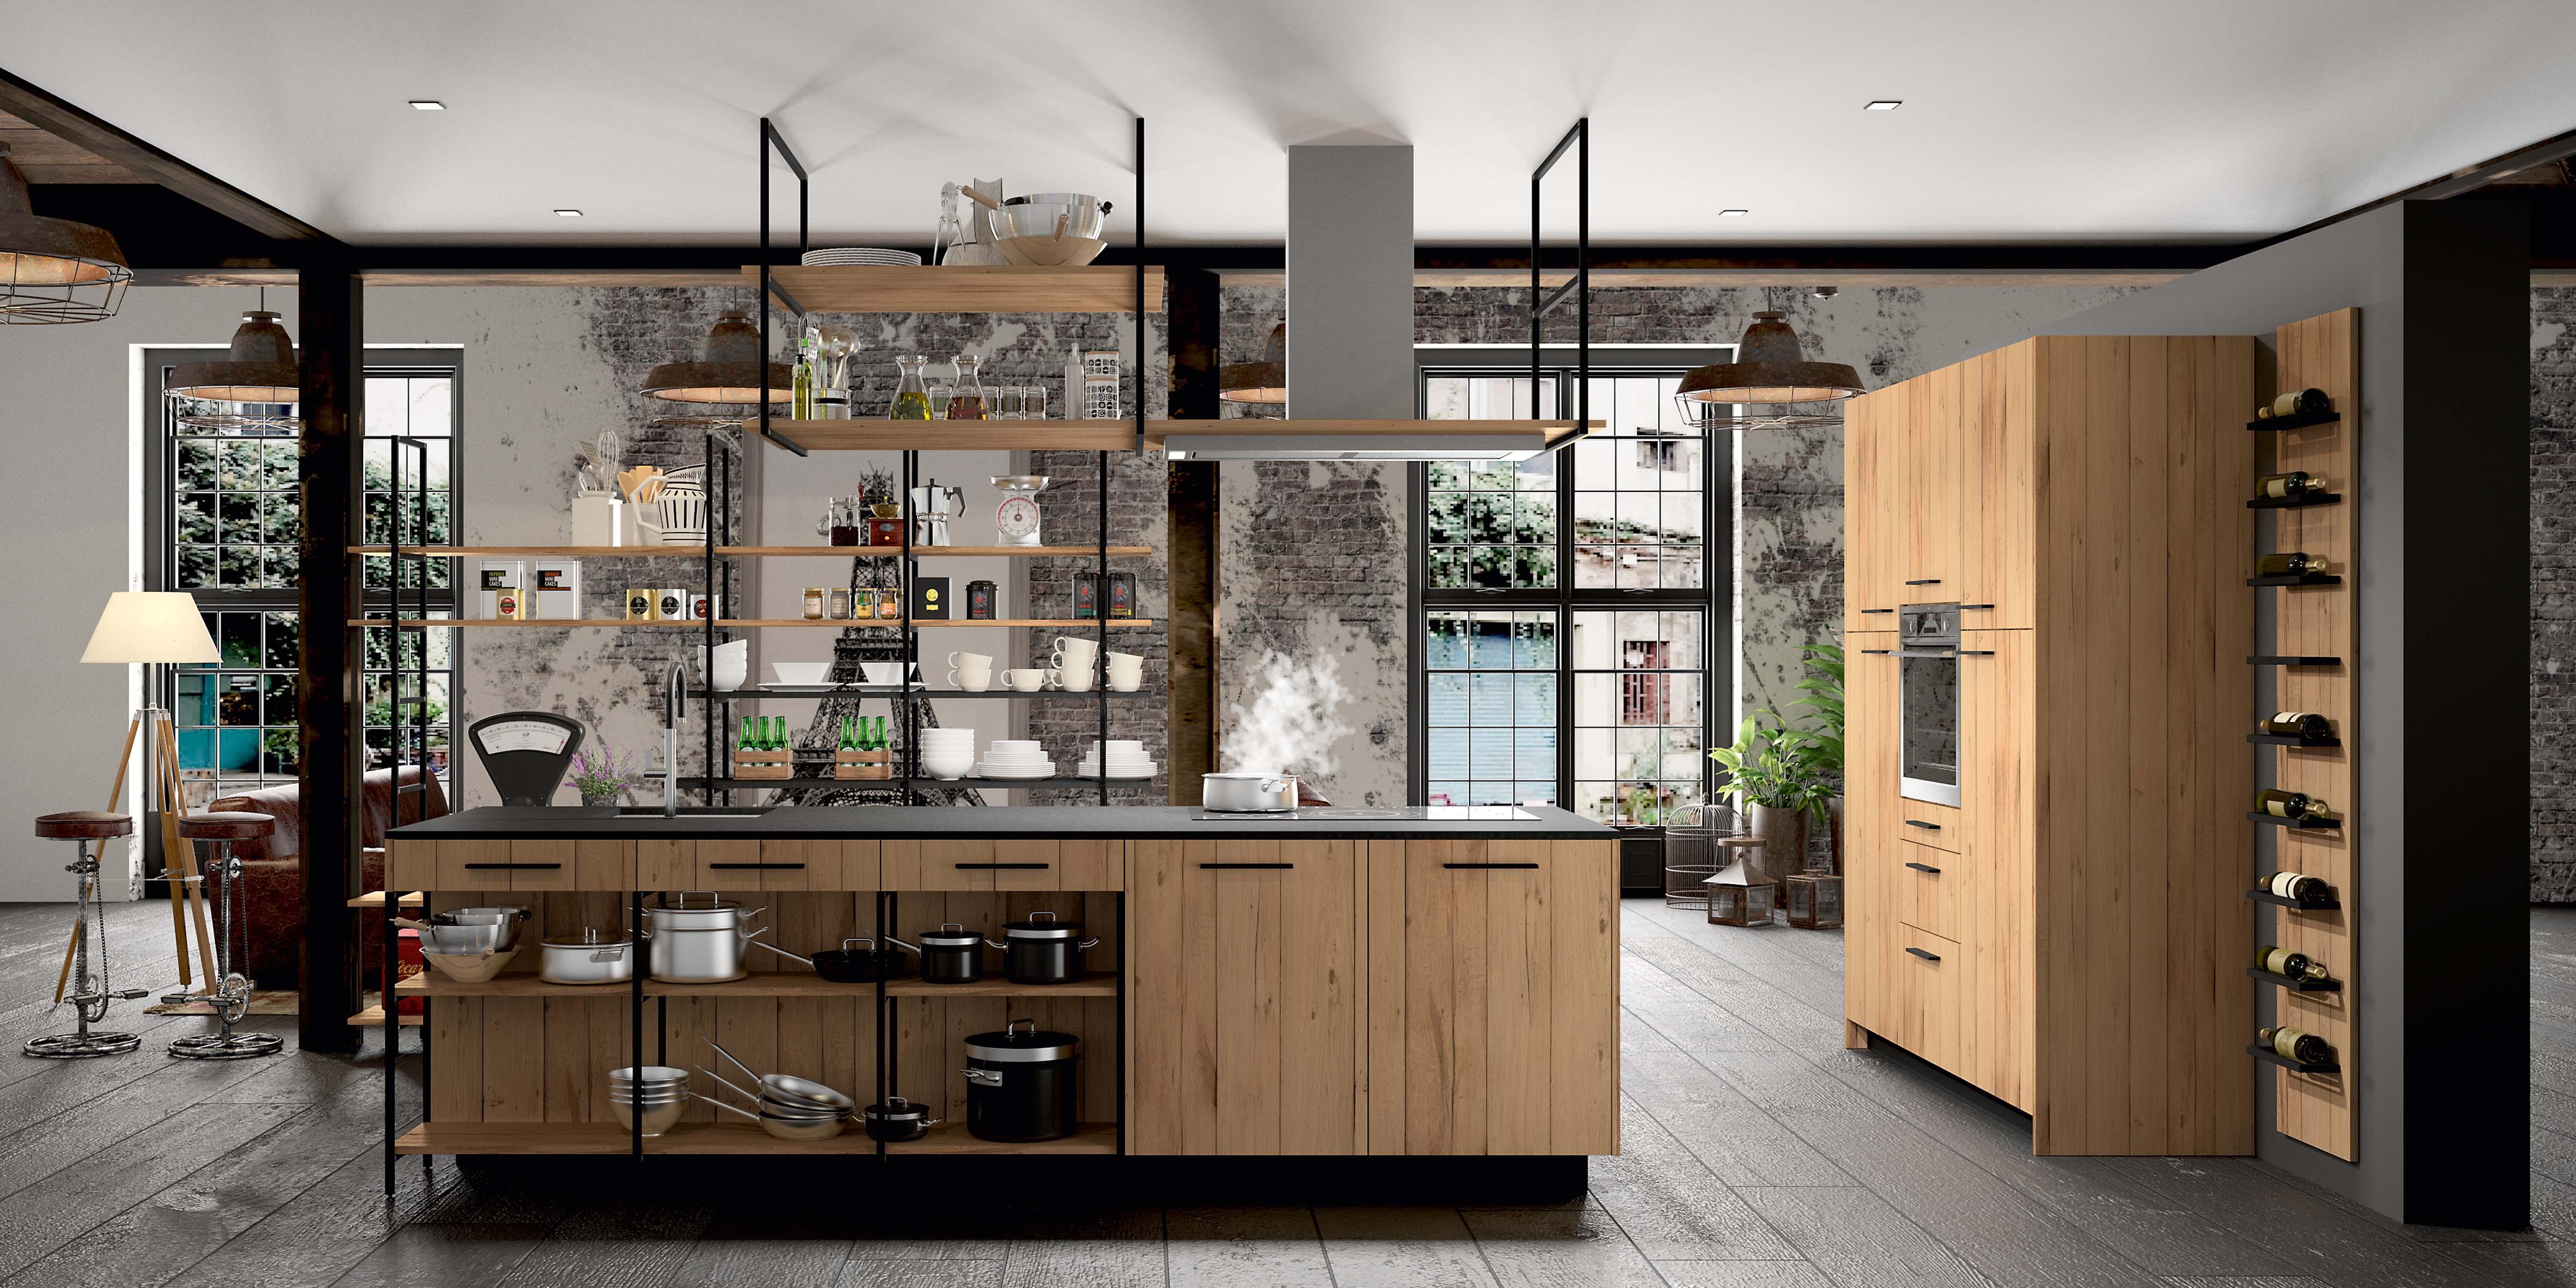 cuisine morel design Intérieur Littoz annecy